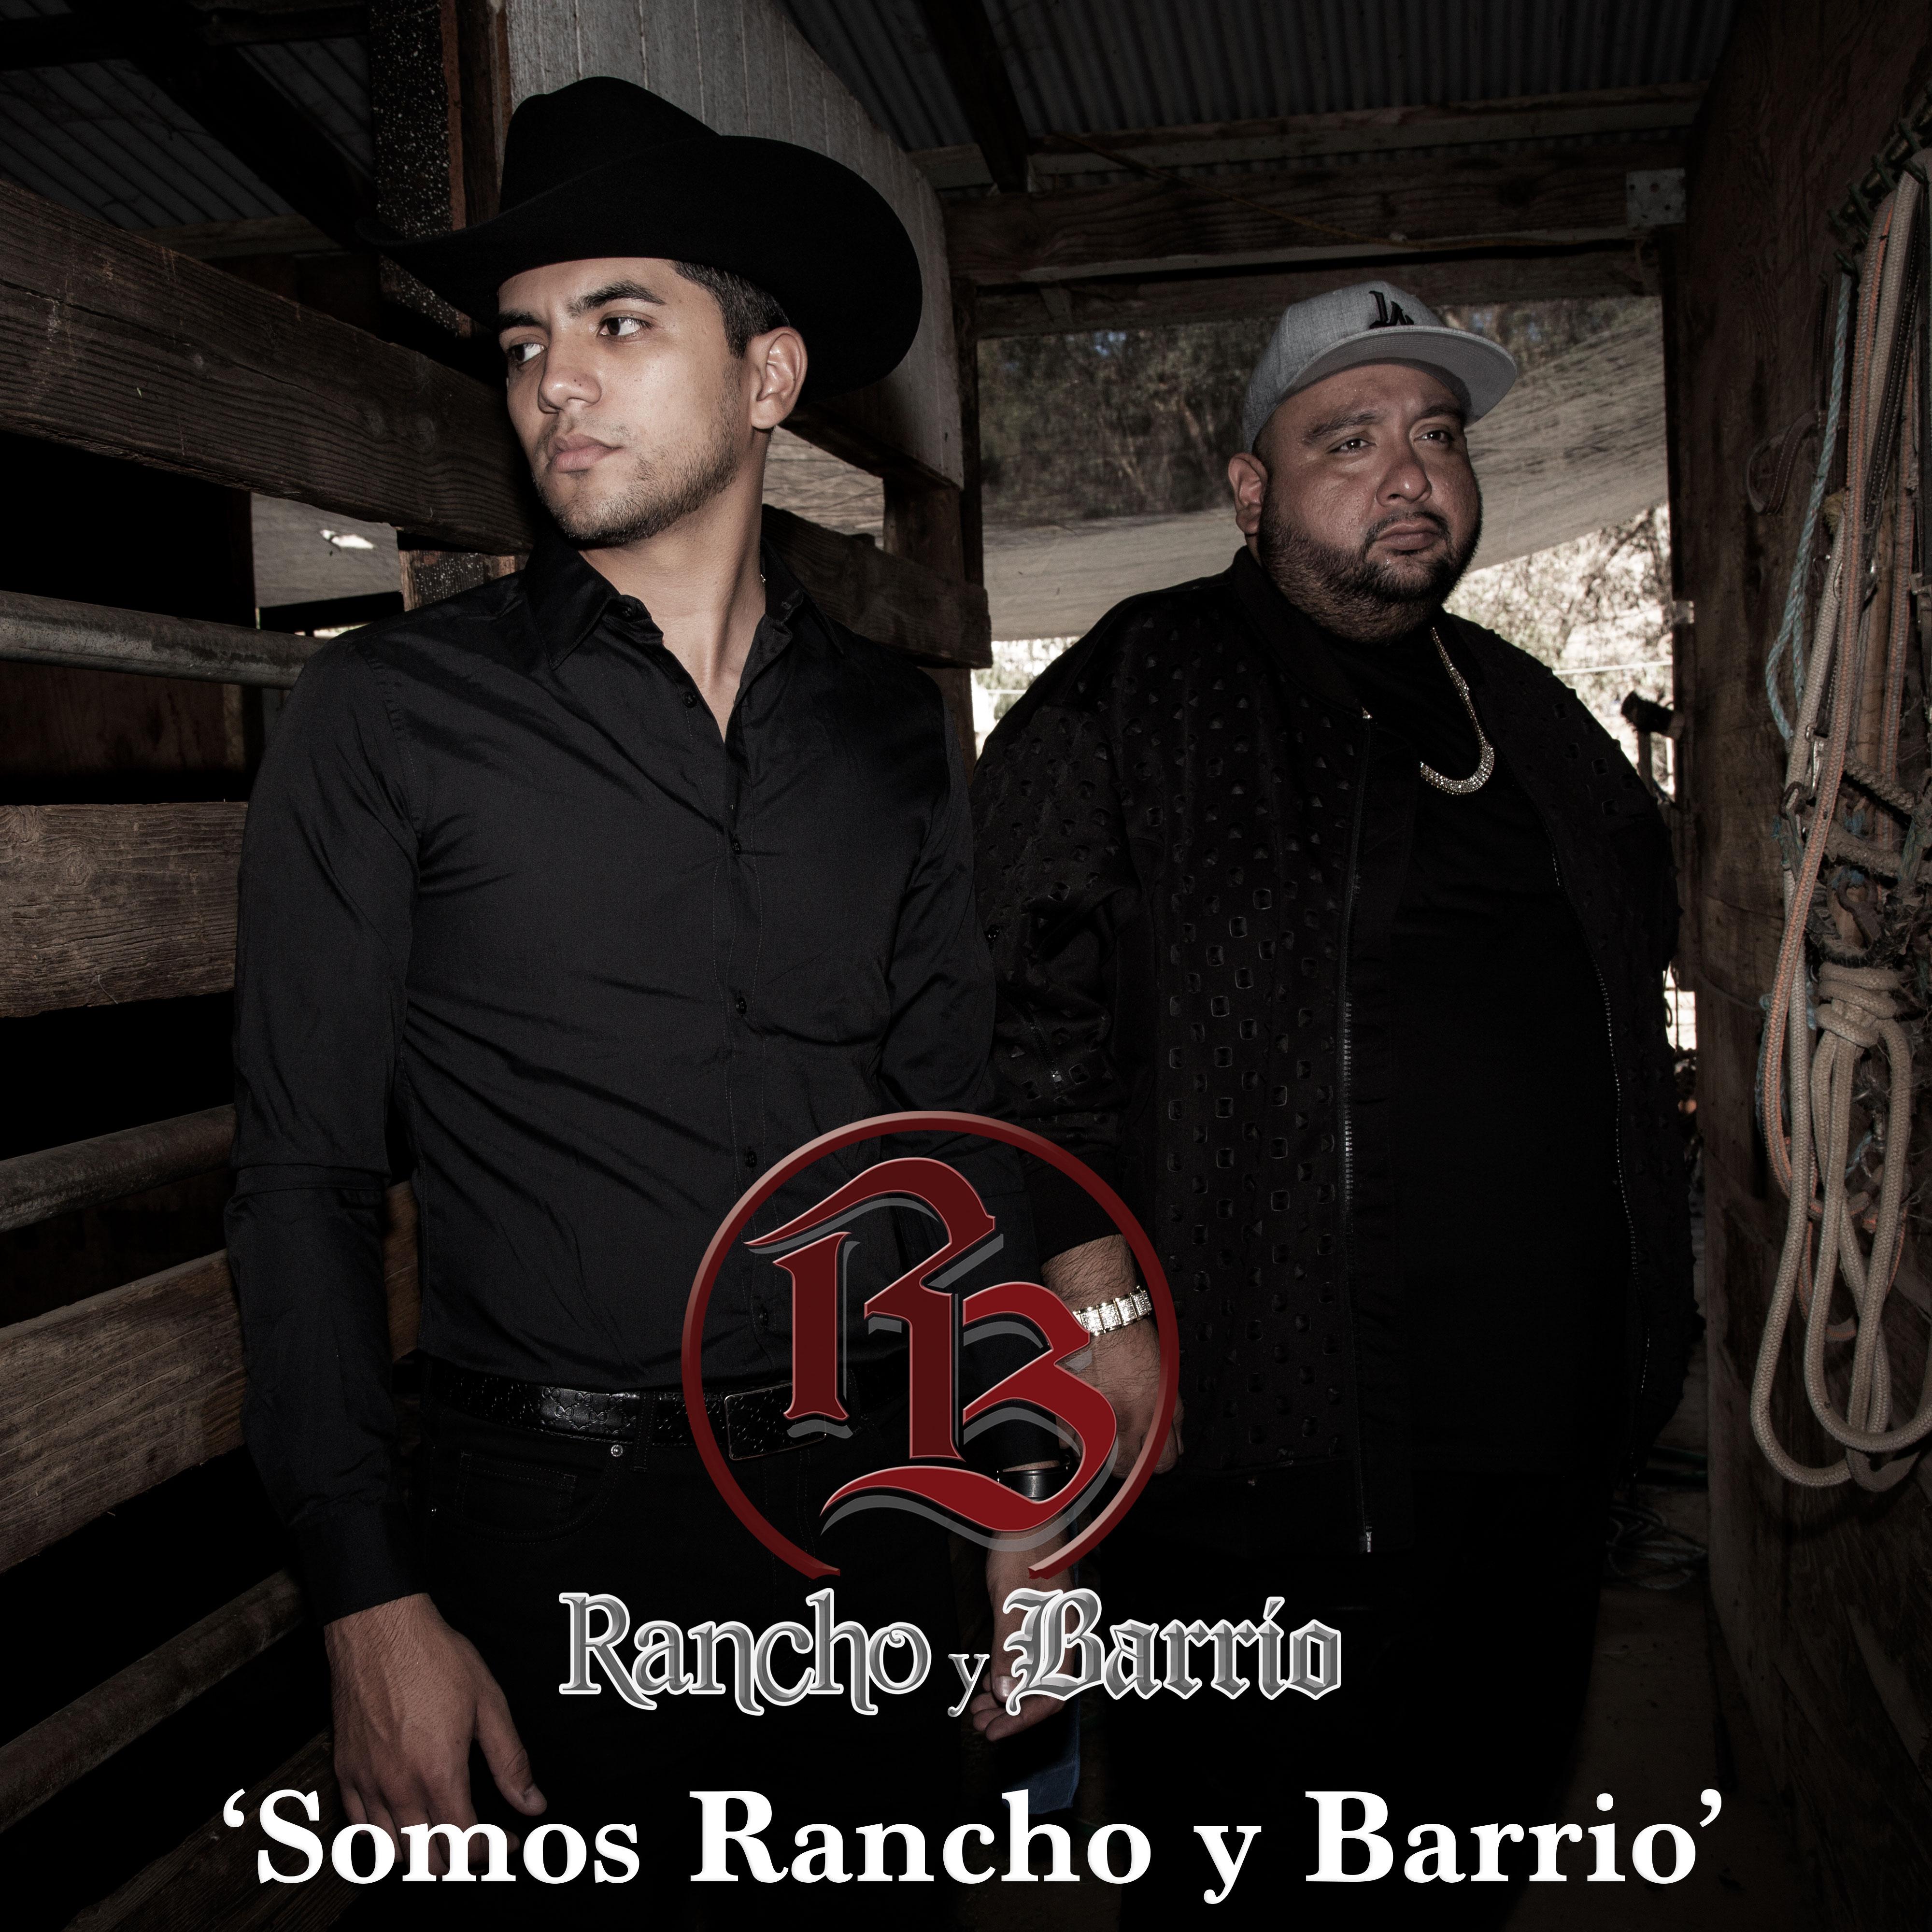 RanchoyBarrio_SomosRanchoyBarrio